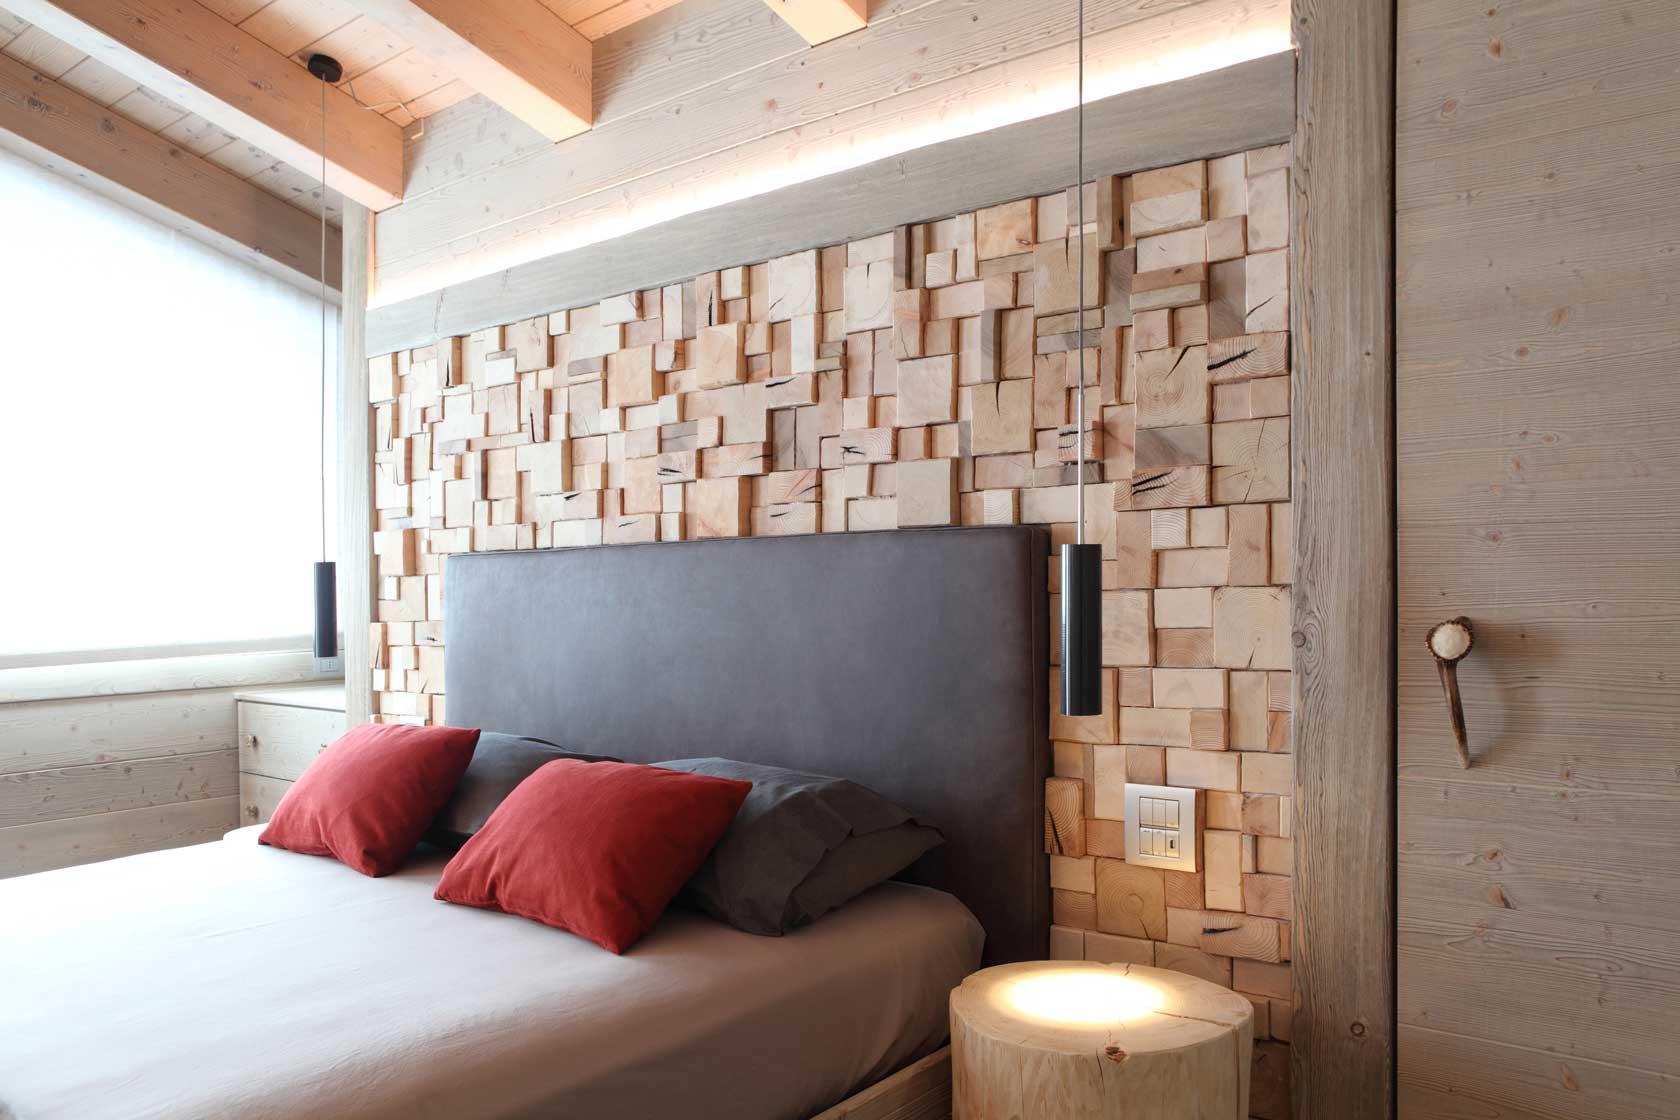 Abitazione 14 madonna di campiglio luce e design for Abitazione design